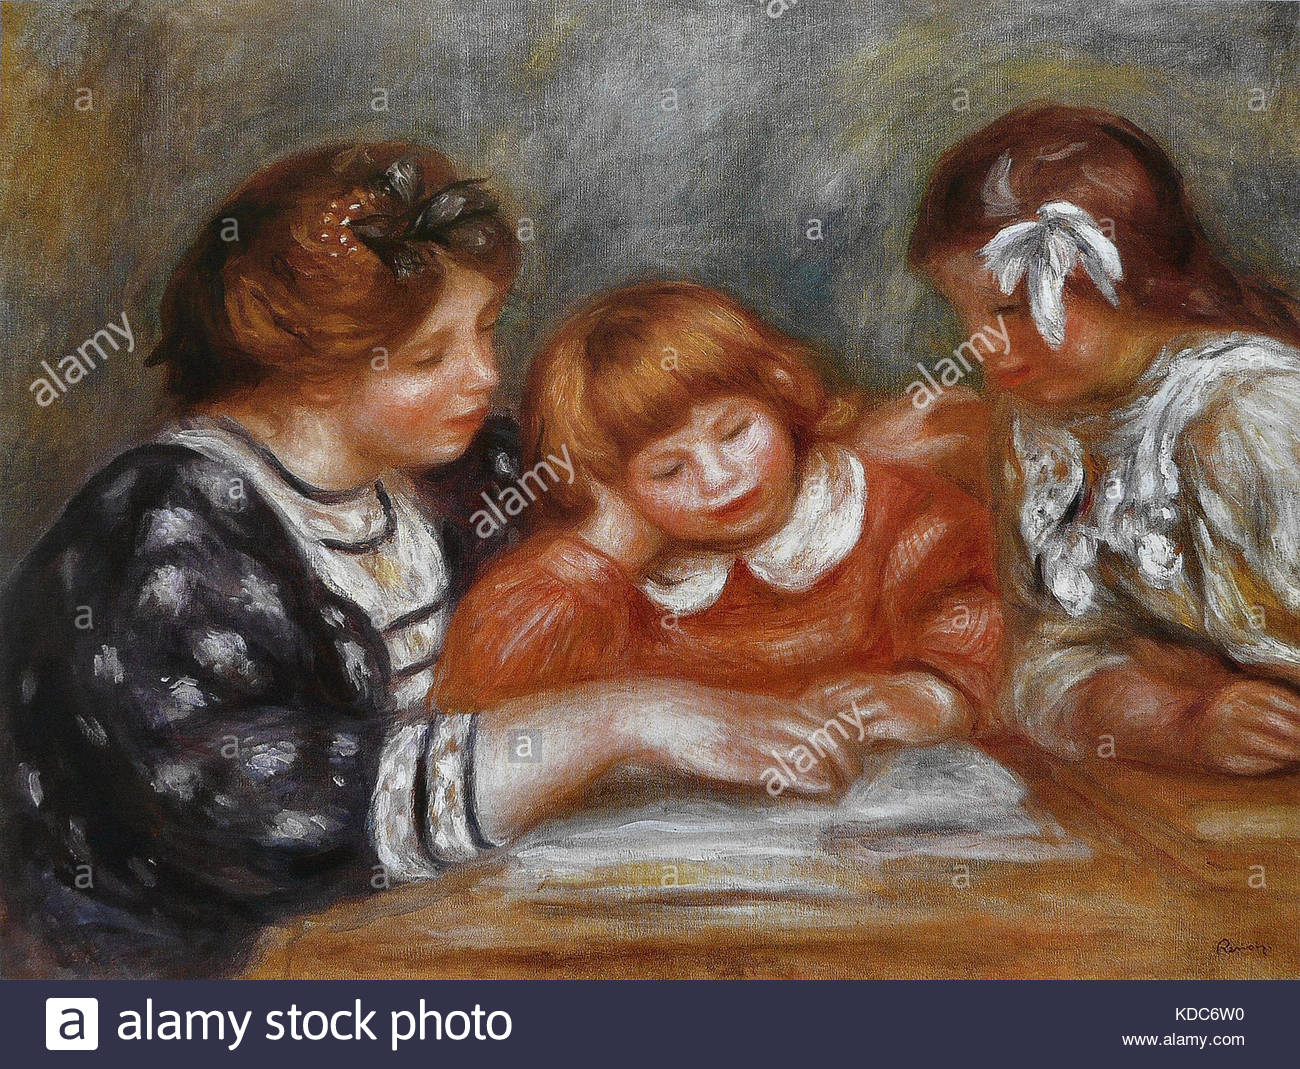 Renoir Stock Photos & Renoir Stock Images - Alamy